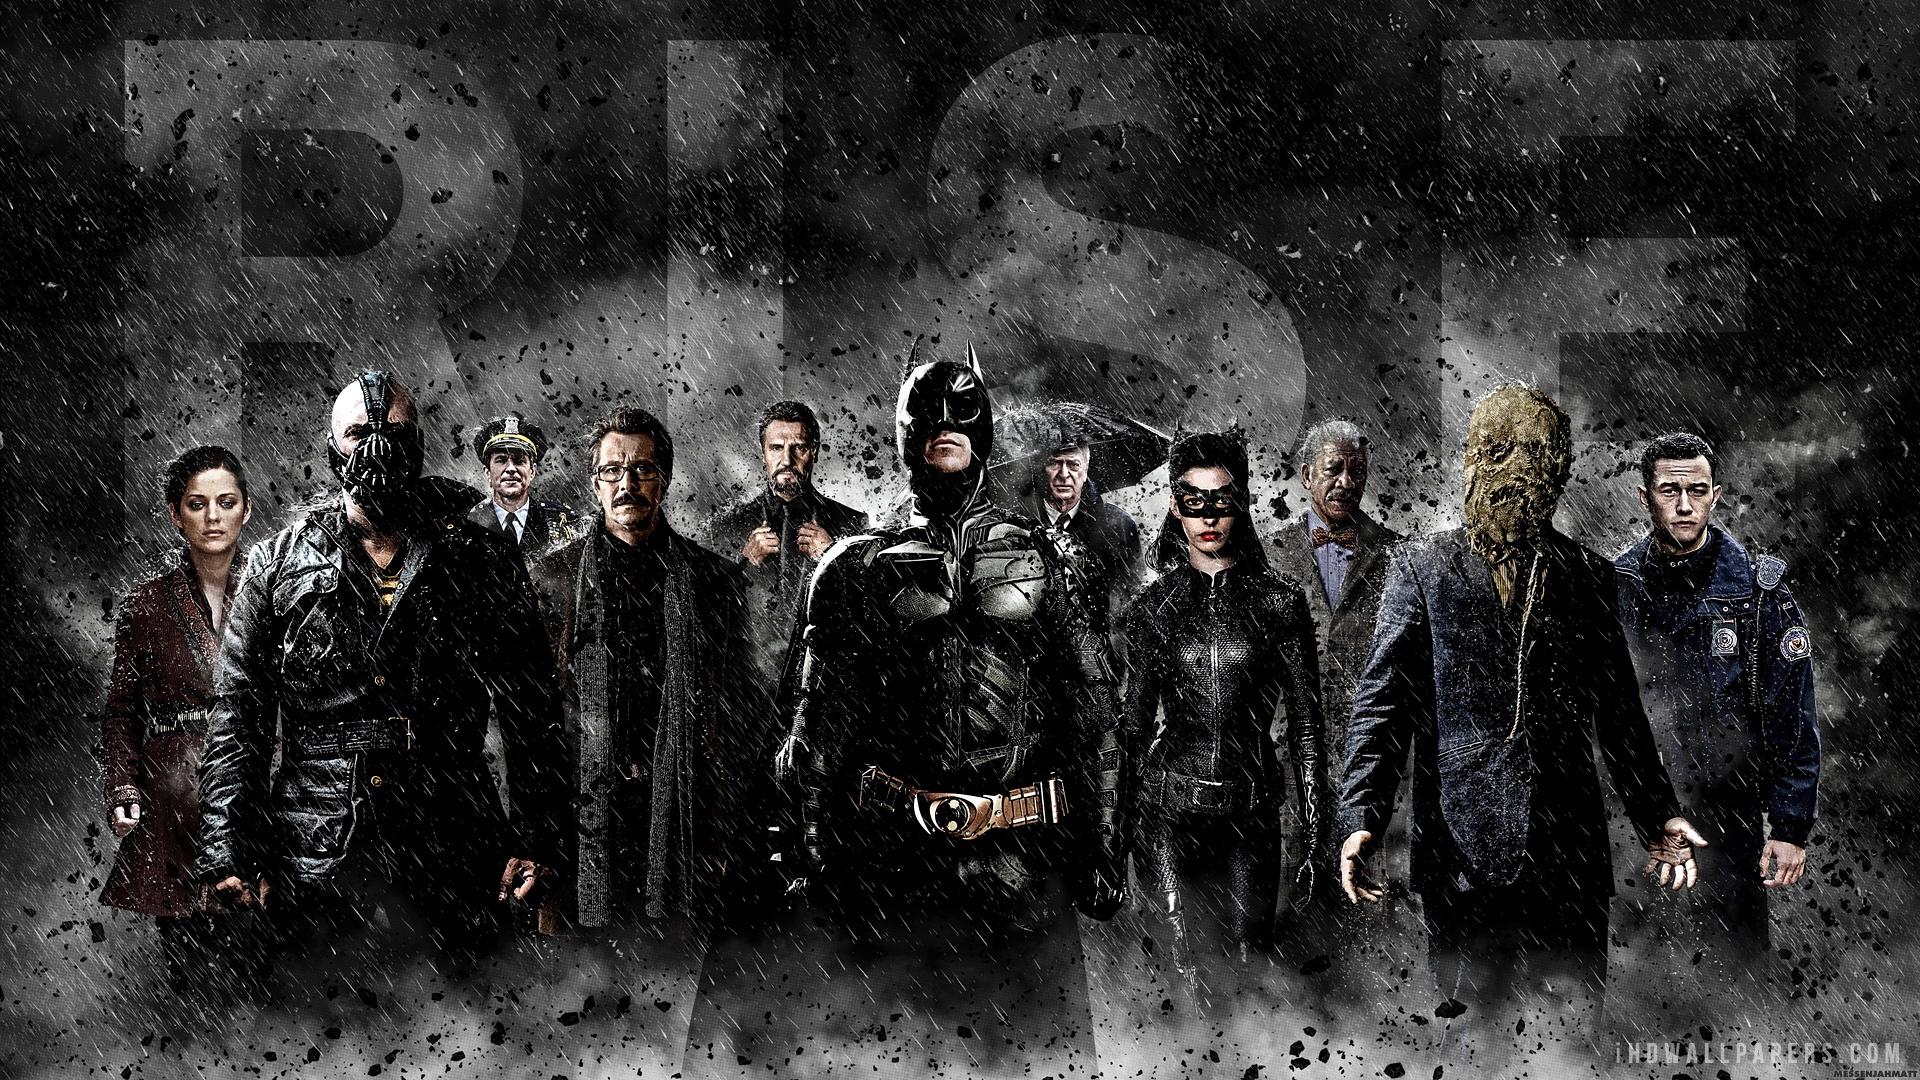 The Dark Knight Rises Cast HD Wallpaper   iHD Wallpapers 1920x1080